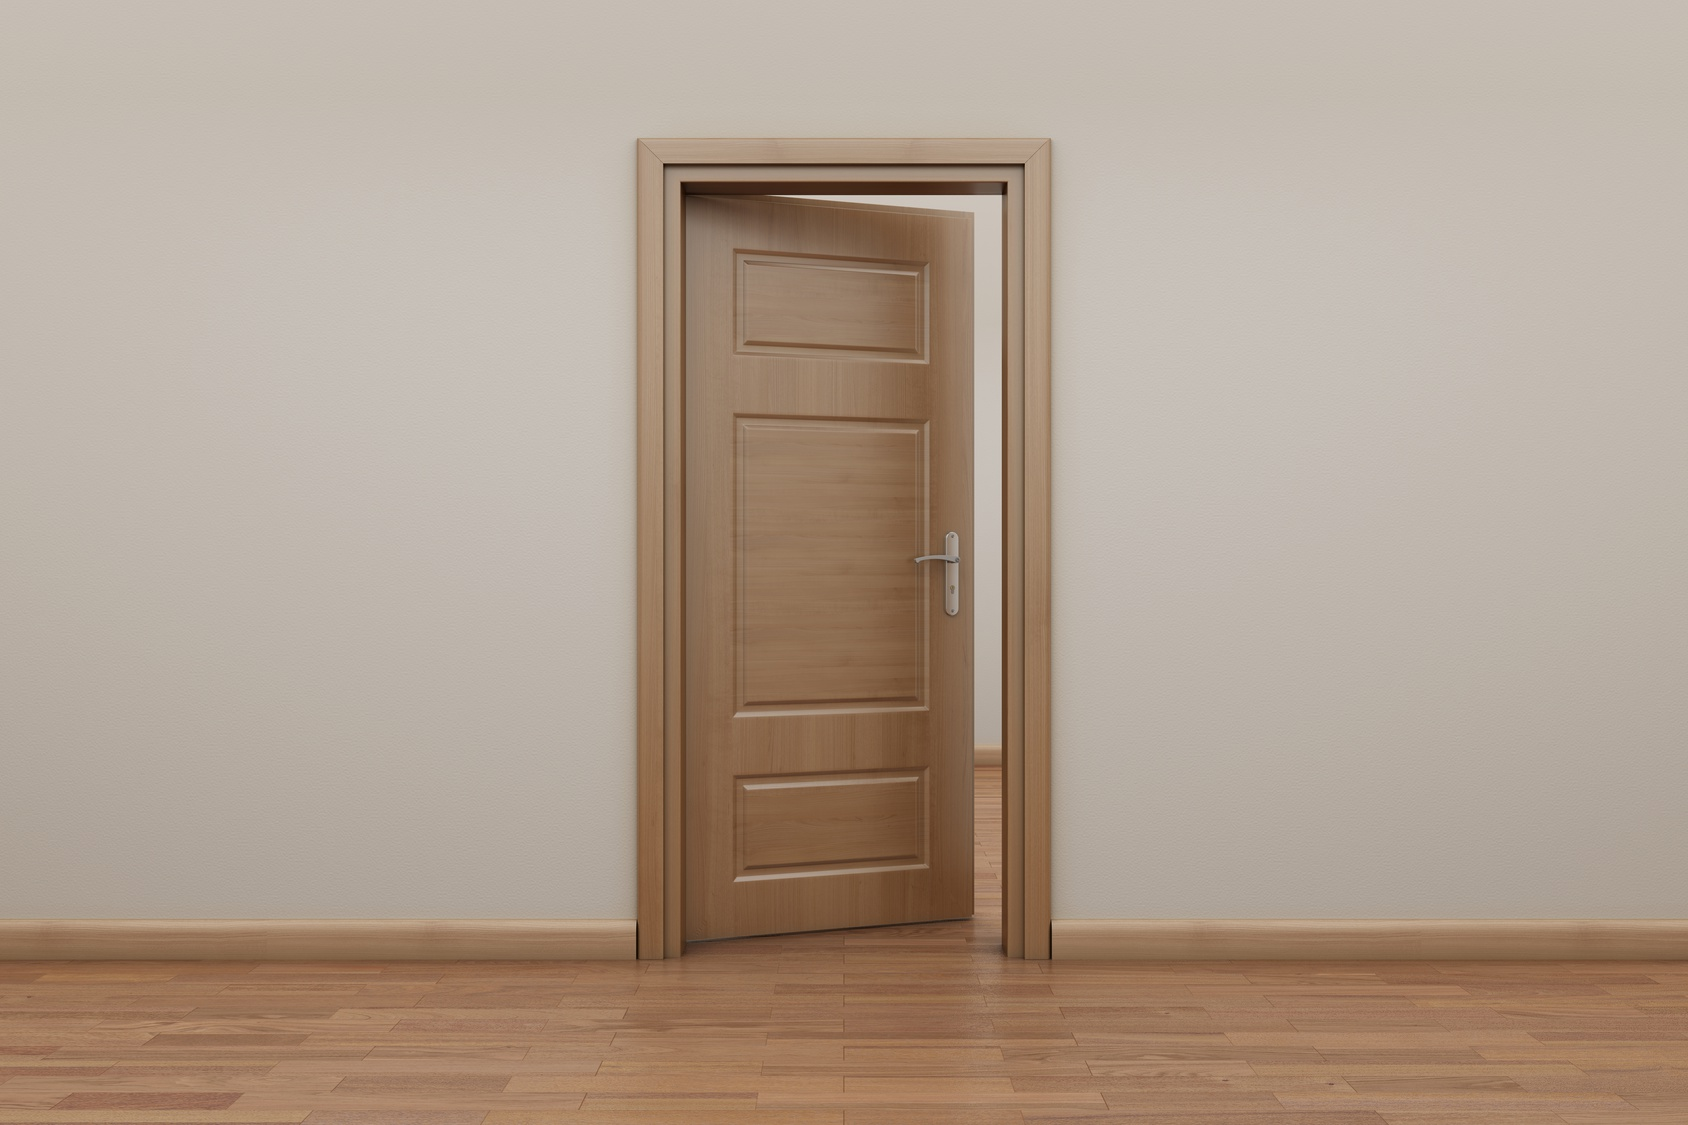 Portes int rieures tout savoir pour faire le bon choix for Taille des portes interieures